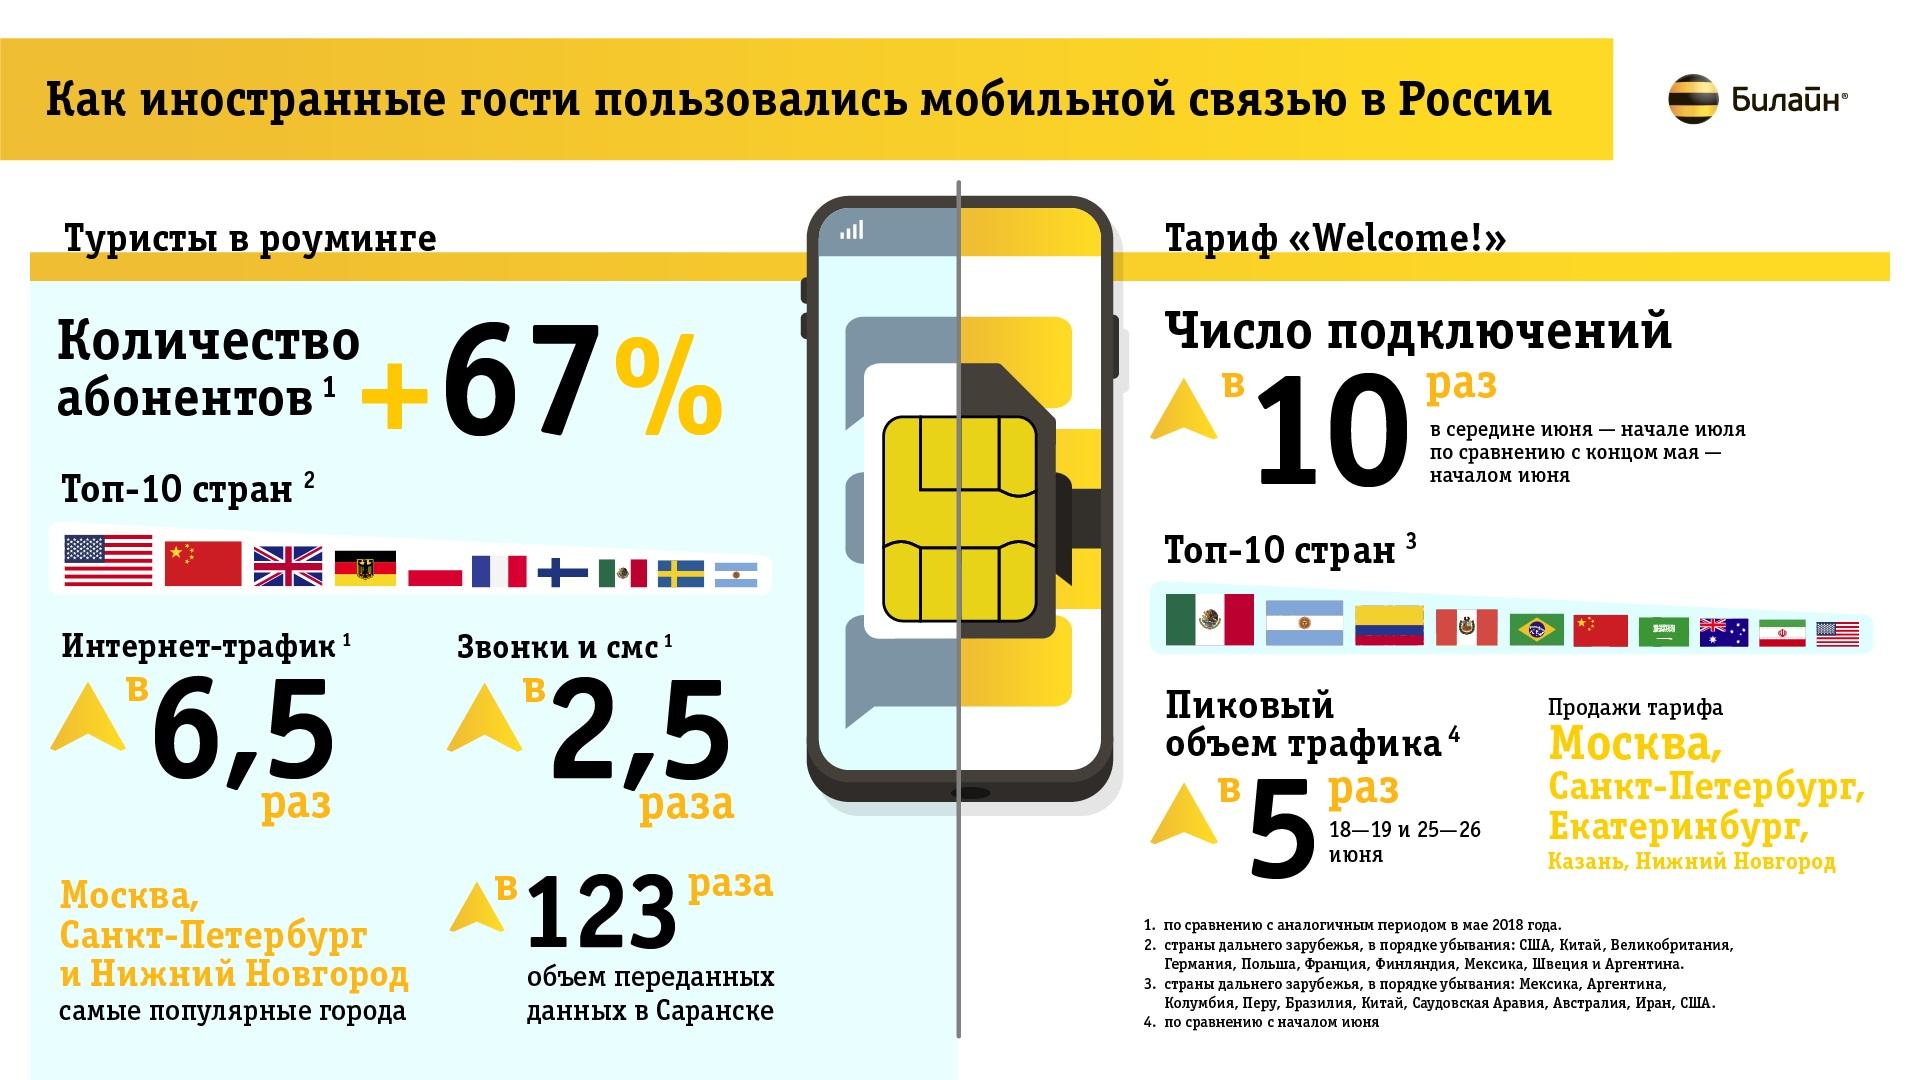 Трафик мобильного интернета гостей России вырос в 6,5 раз 1